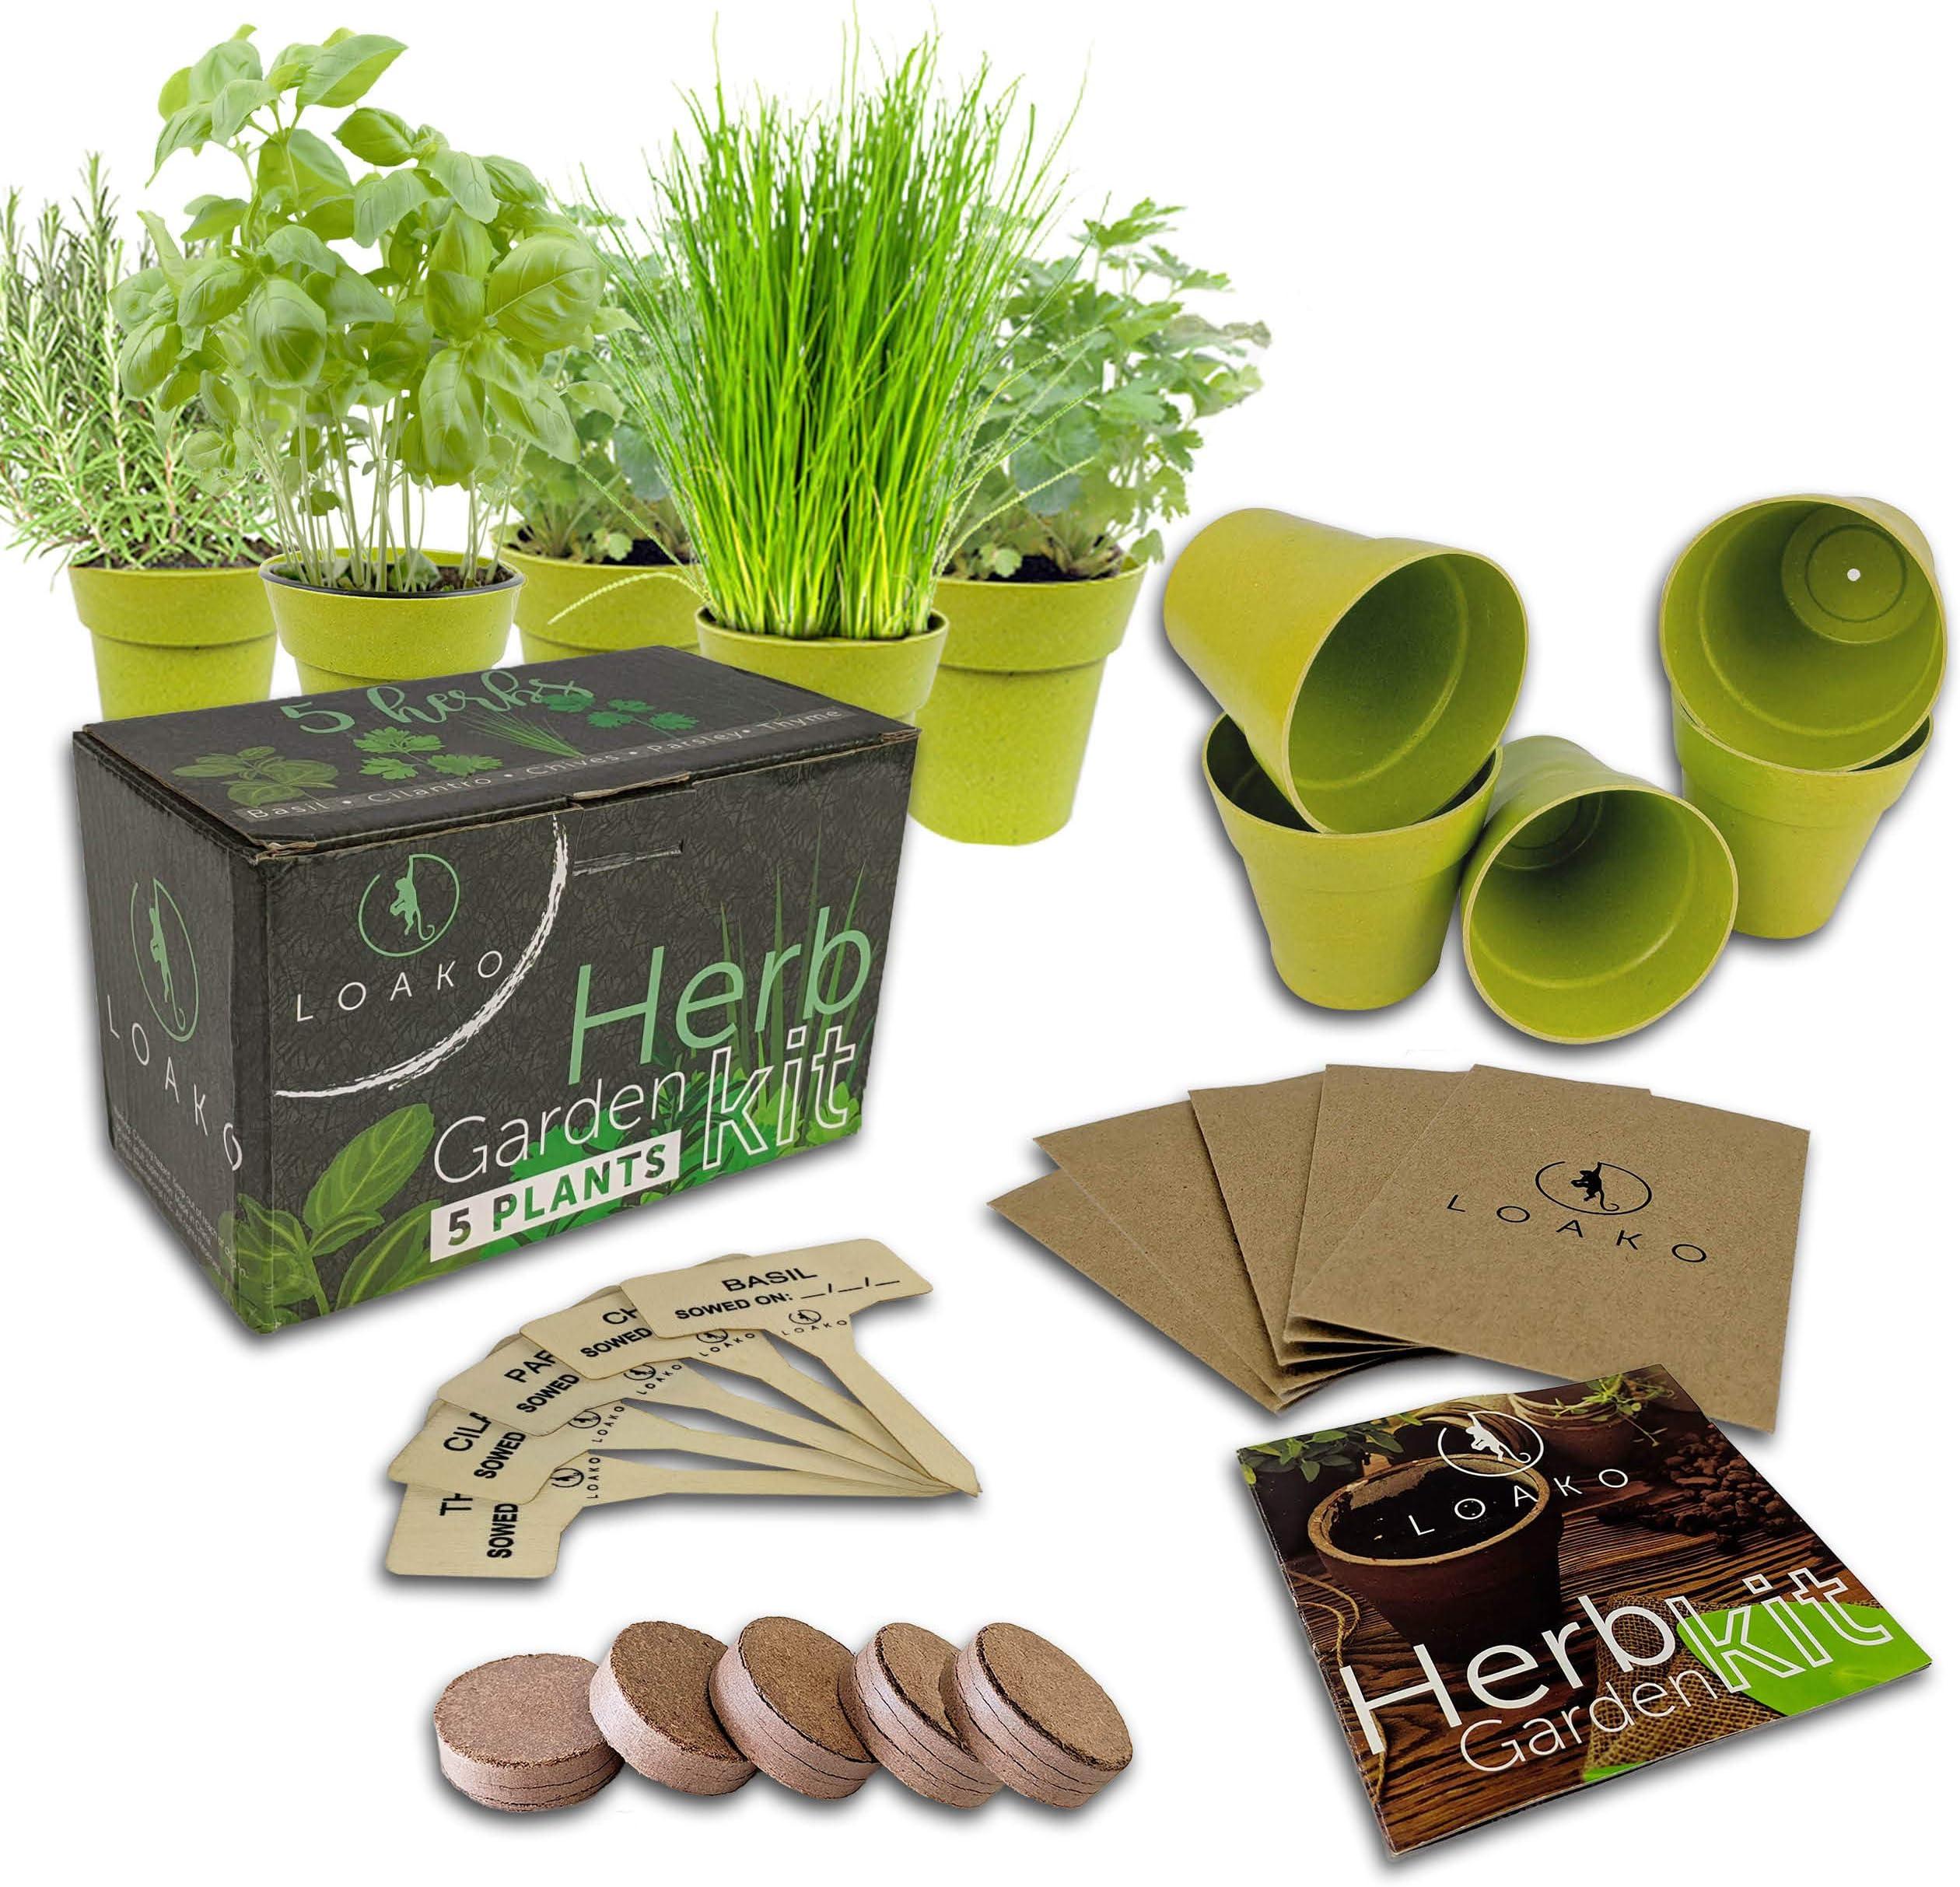 Craft Cocktail Herb Garden Kit Fun /& Easy Specialty Garden 100/% USDA Organic Herb Seeds Beginner Unique Gardening Gift Set